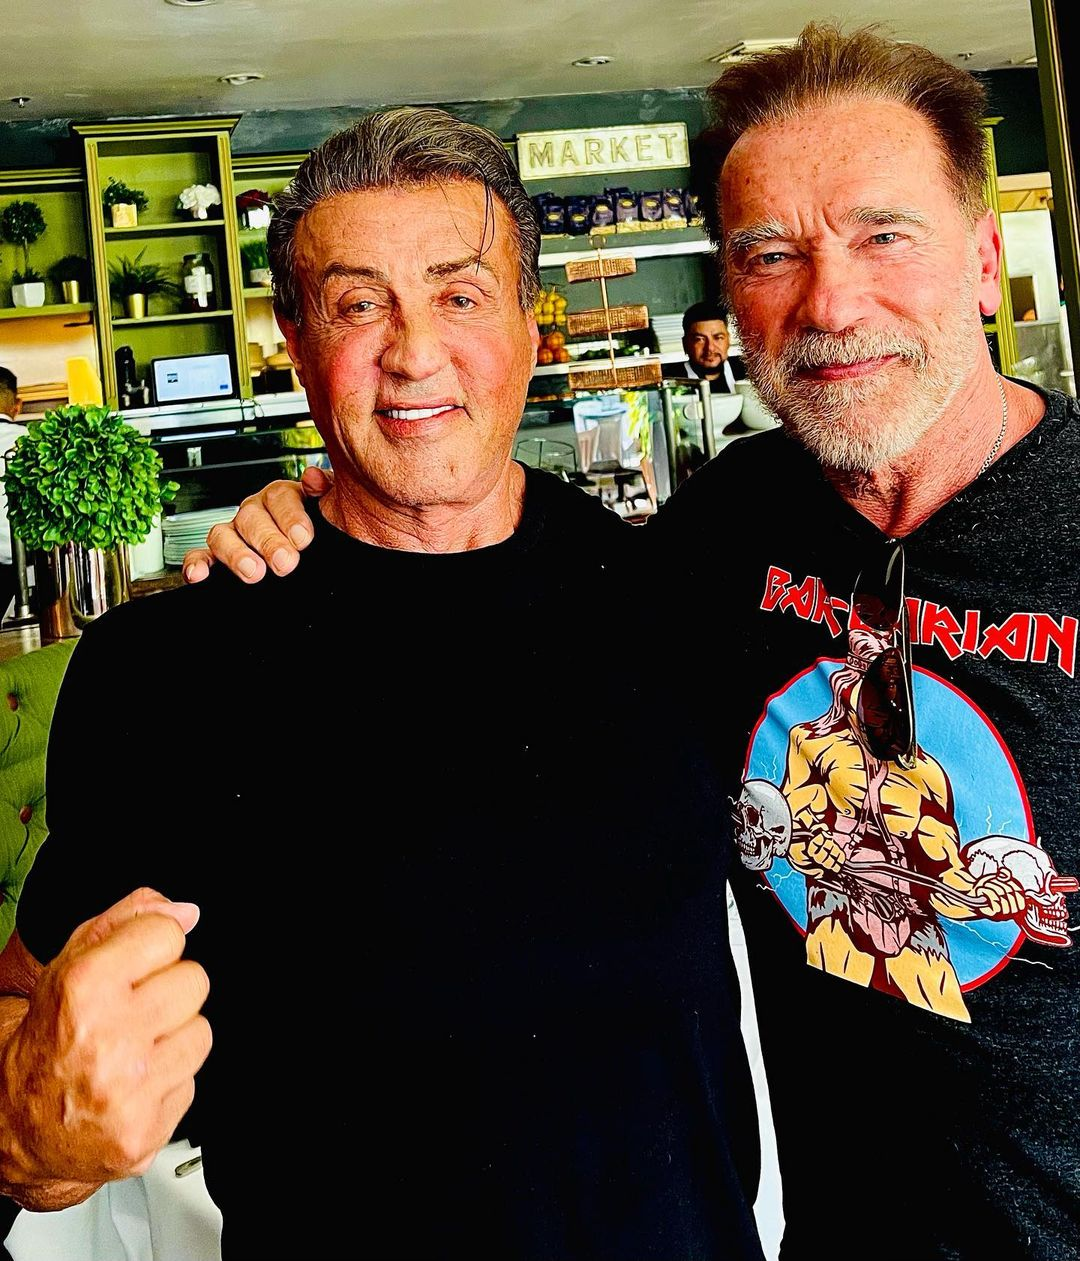 arnold schwarzenegger e sylvester stallone voltam a se reencontrar apos mais de um ano sem se ver imagem1 - Arnold Schwarzenegger e Sylvester Stallone voltam a se reencontrar após mais de um ano sem se ver